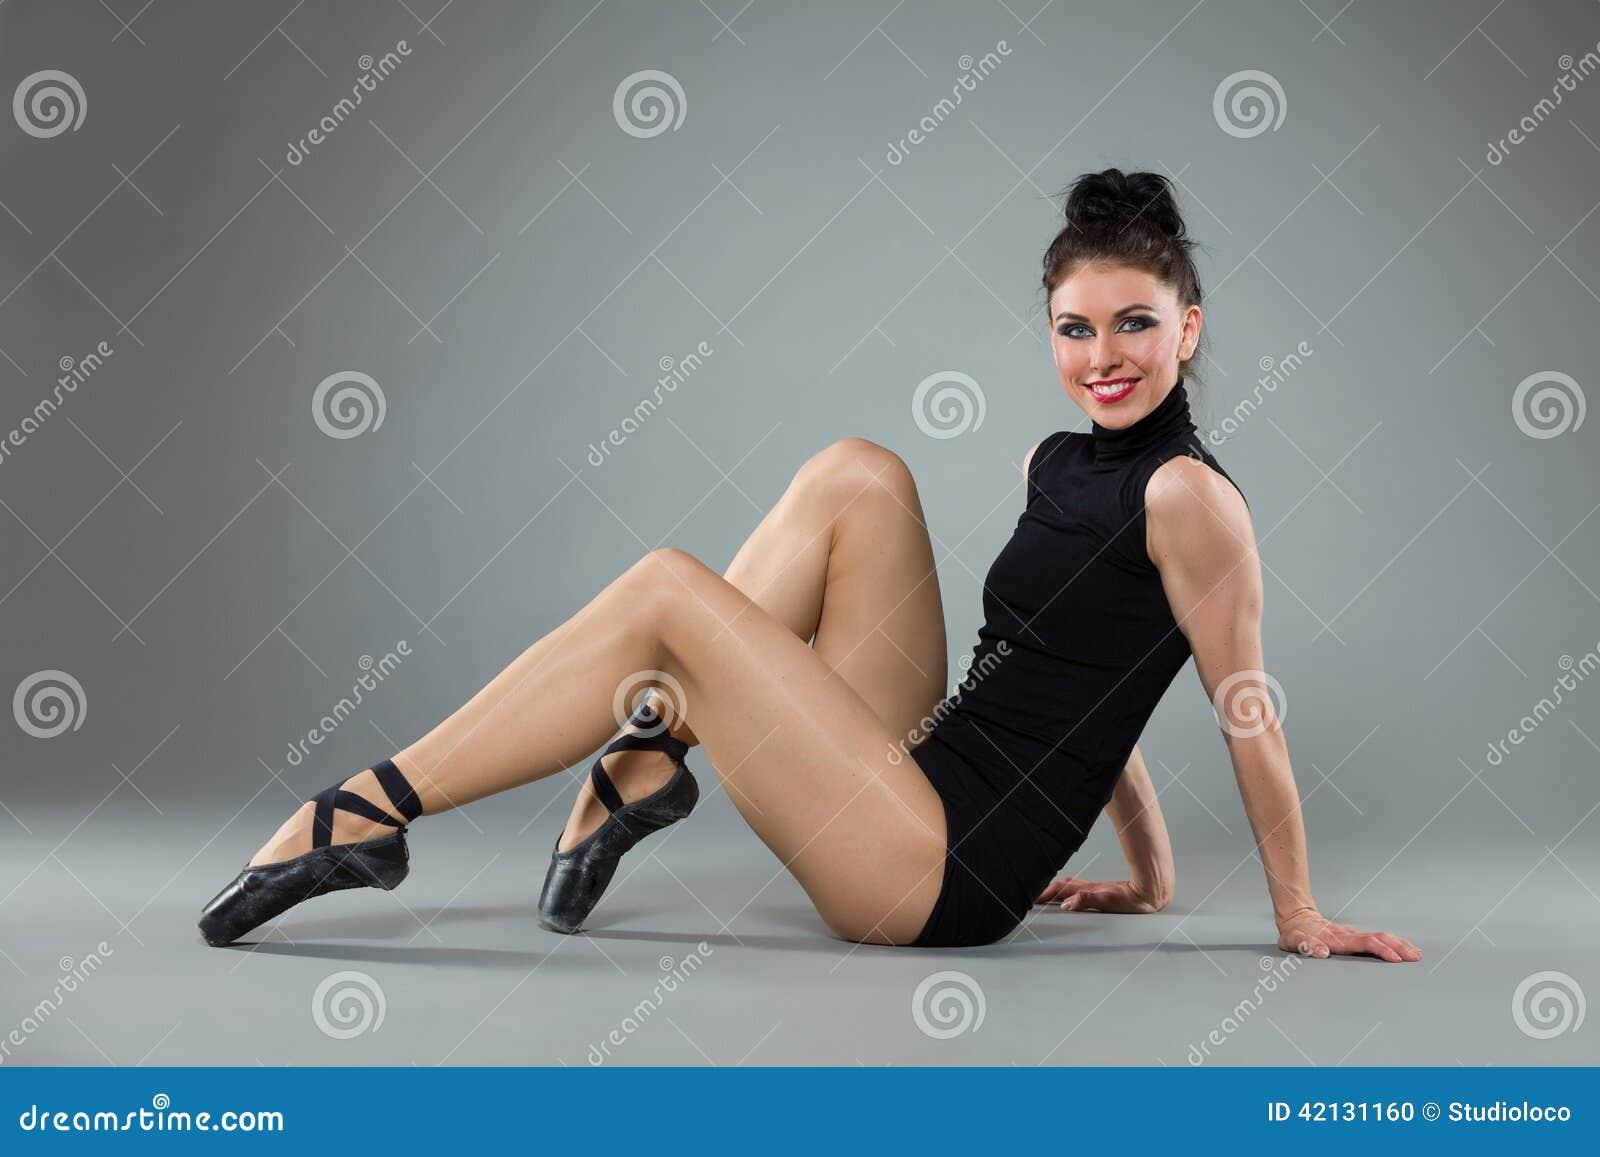 Ballet dancer sitting on the floor stock photo image for On the floor on the floor